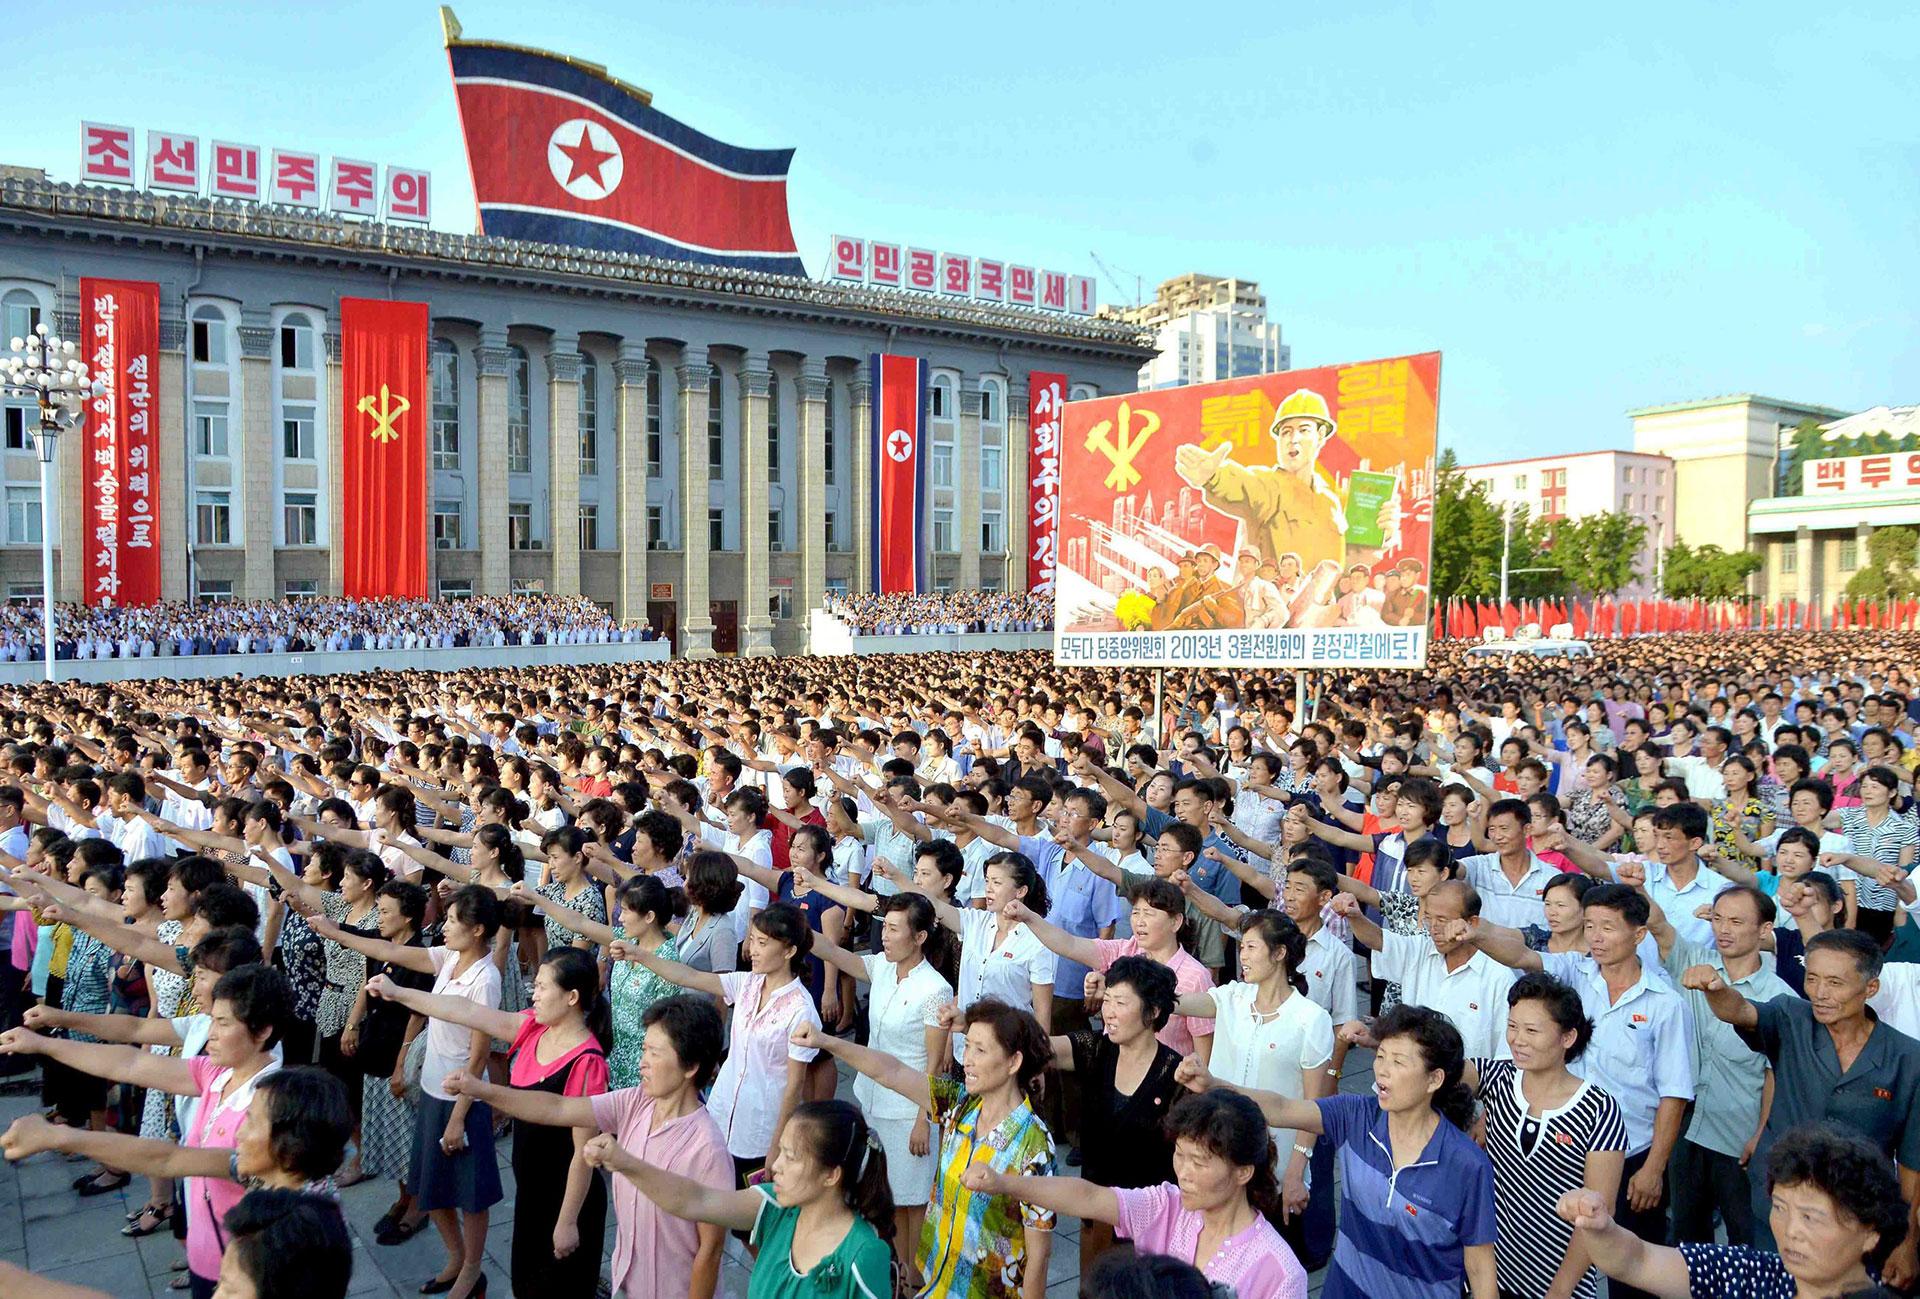 La gente levanta su puño en apoyo del líder Kim Jongg-un (Reuters)